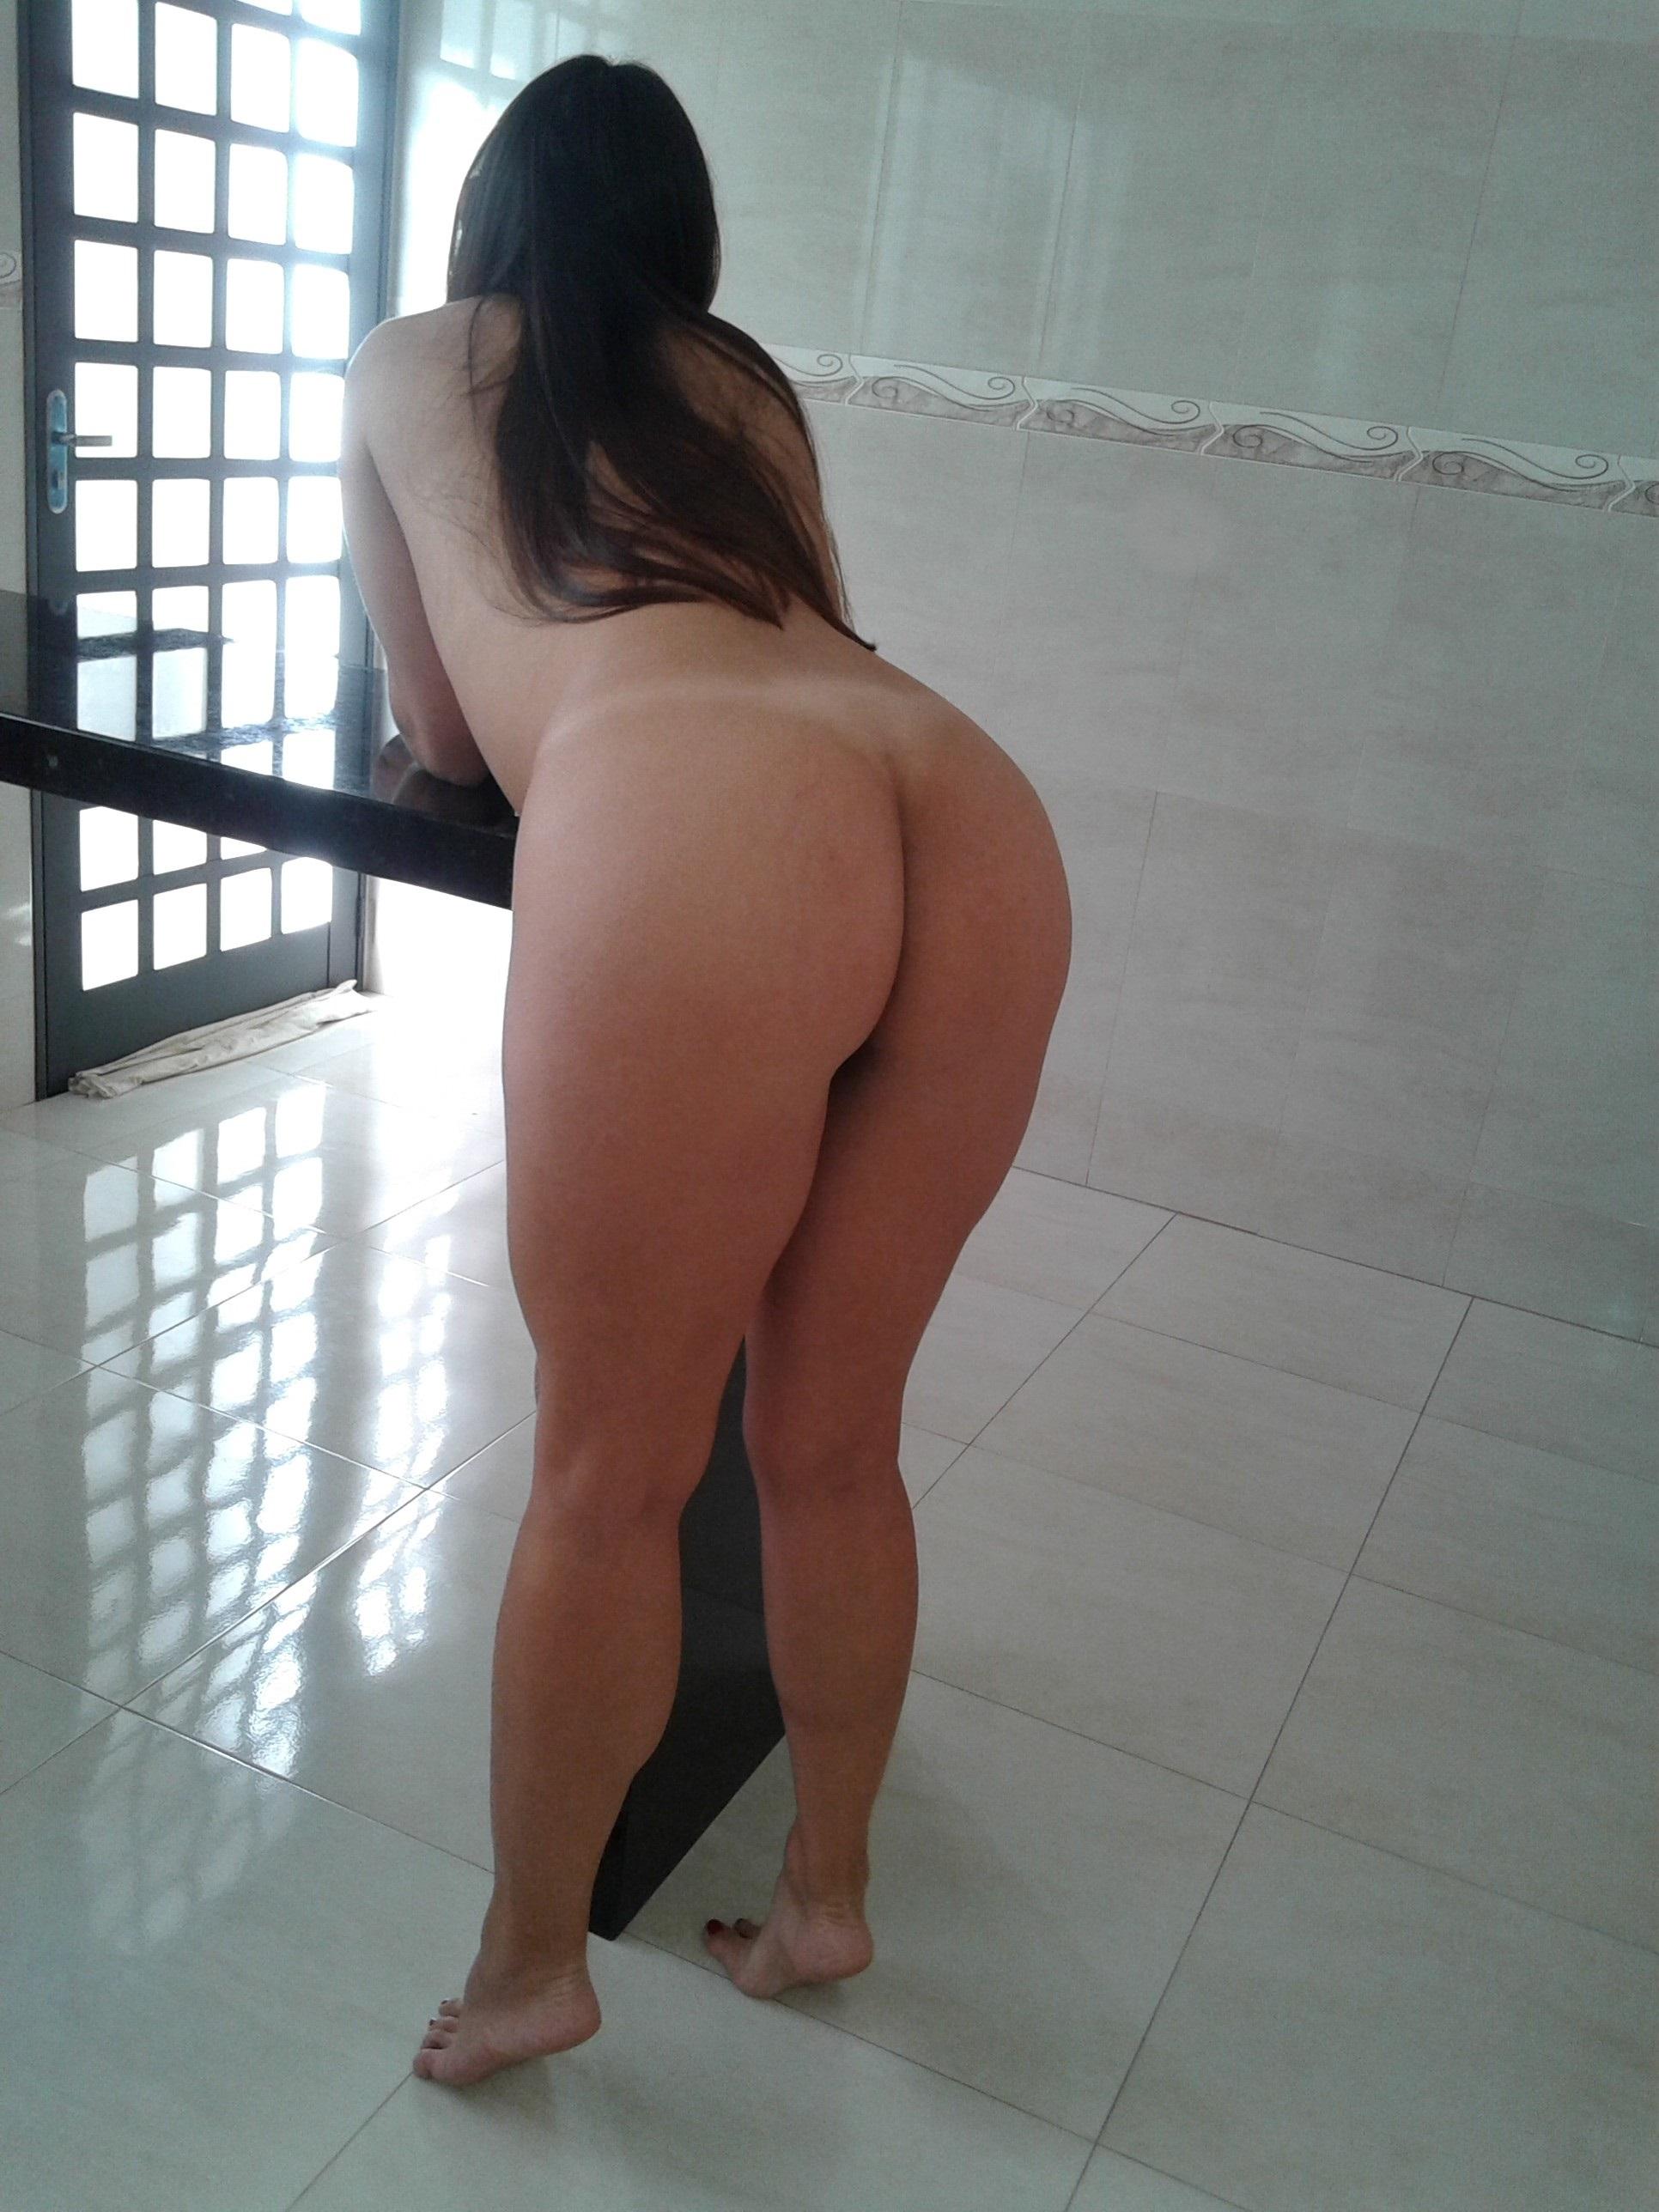 Loira novinha e gostosinha no banheiro fazendo stripper